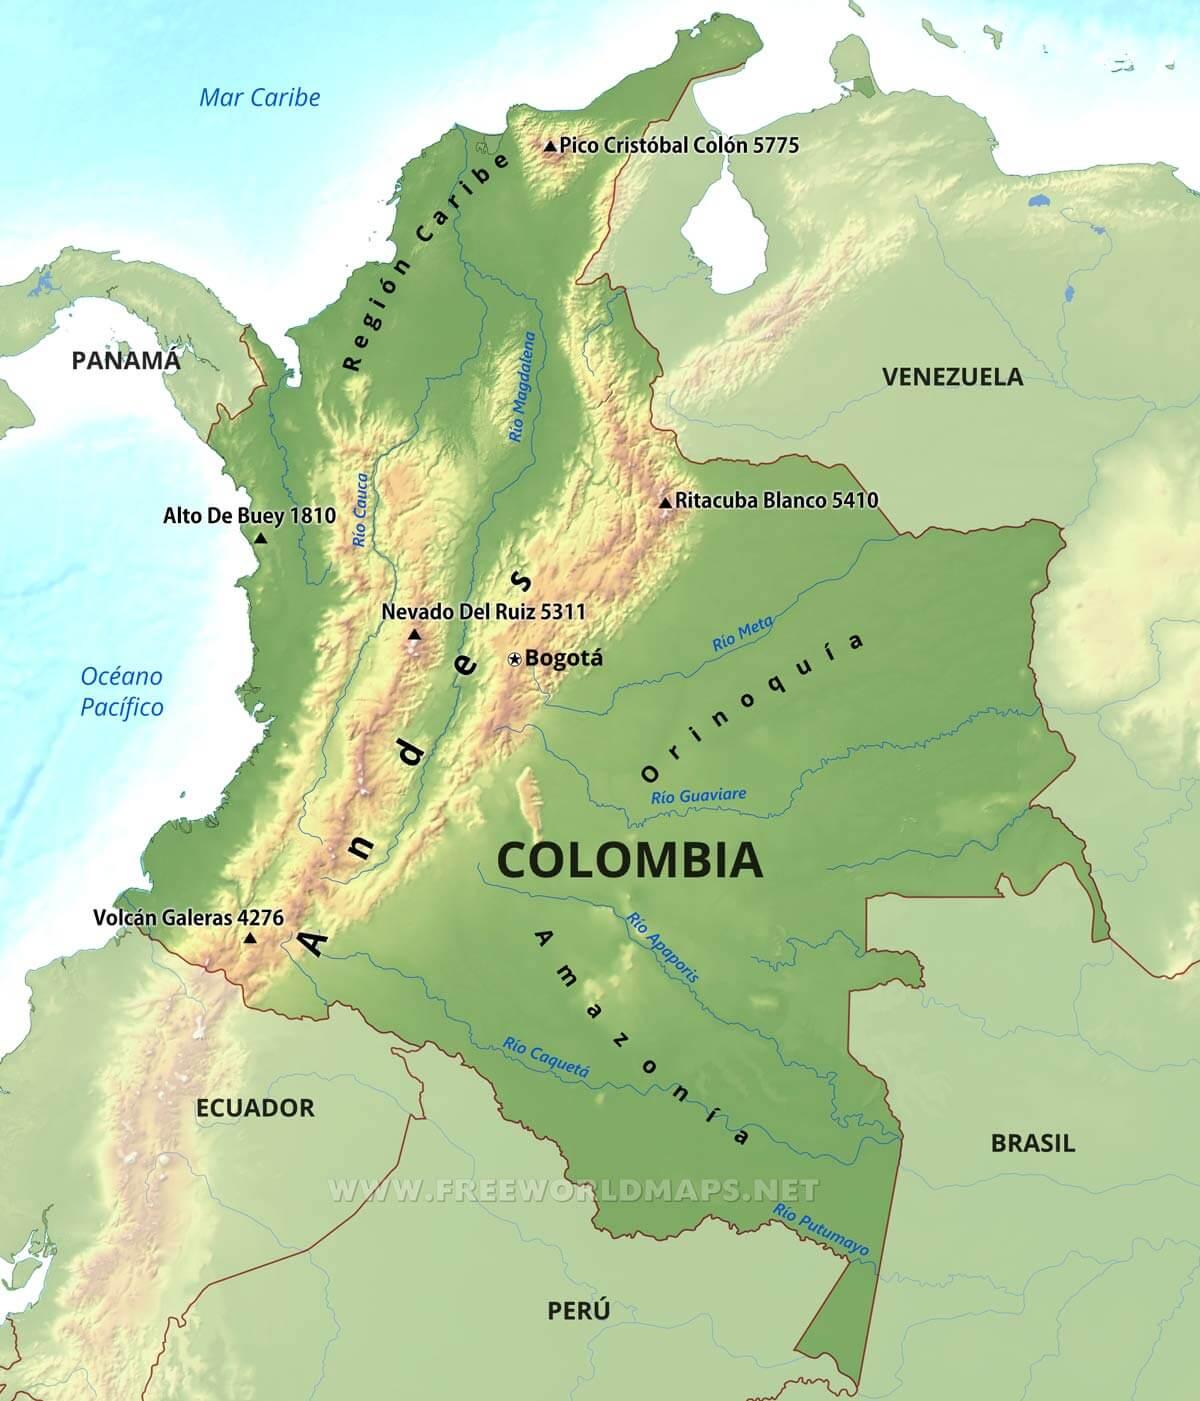 Mapa fsico de Colombia Geografa de Colombia